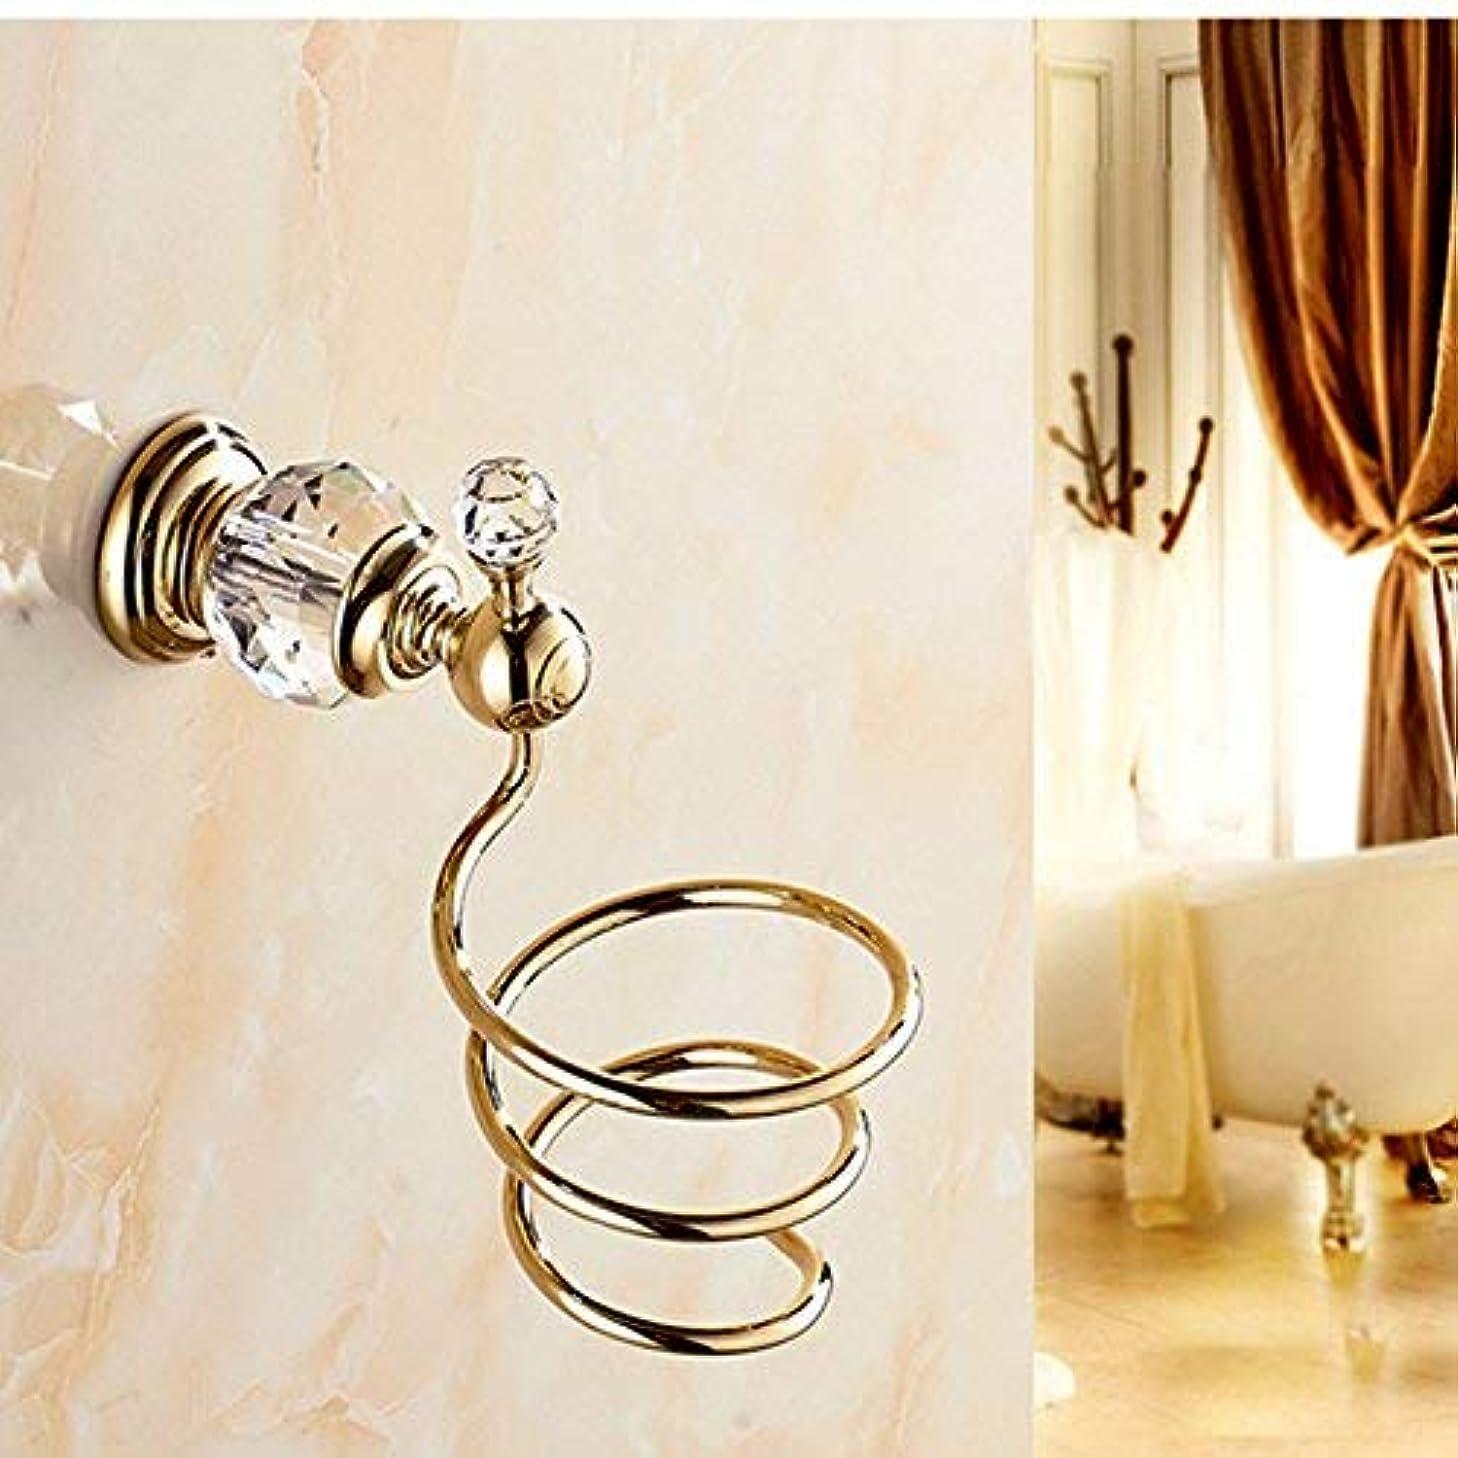 なぞらえる公園まさに壁掛けの贅沢な金終わりの水晶ハンガーの浴室のヘアードライヤーのホールダー ステンレス多機能ラック